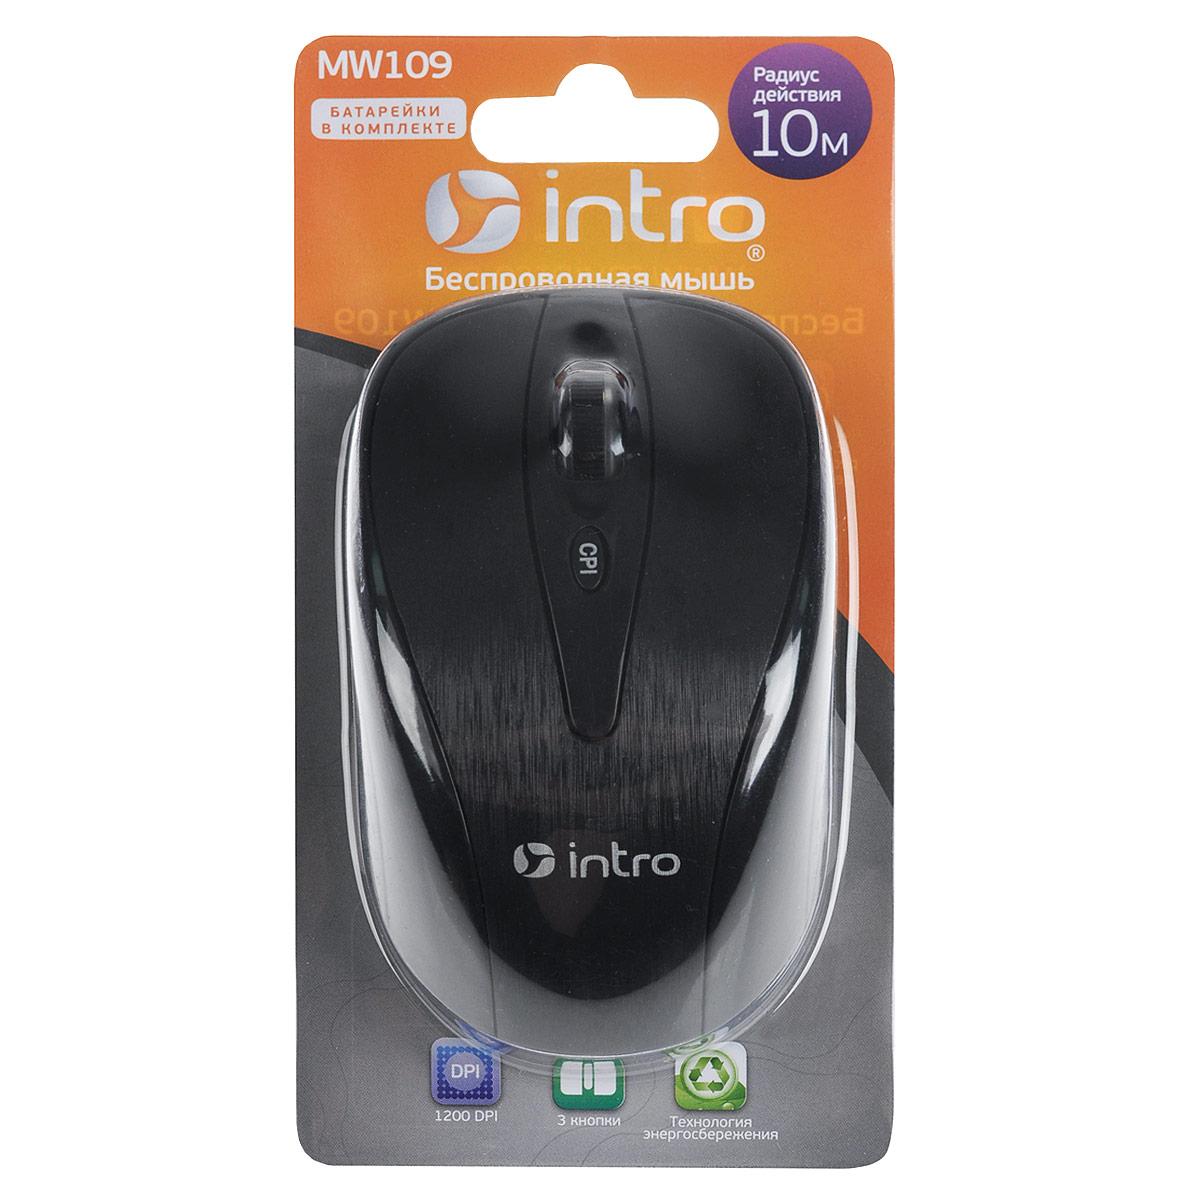 Мышь Intro MW109 Wireless